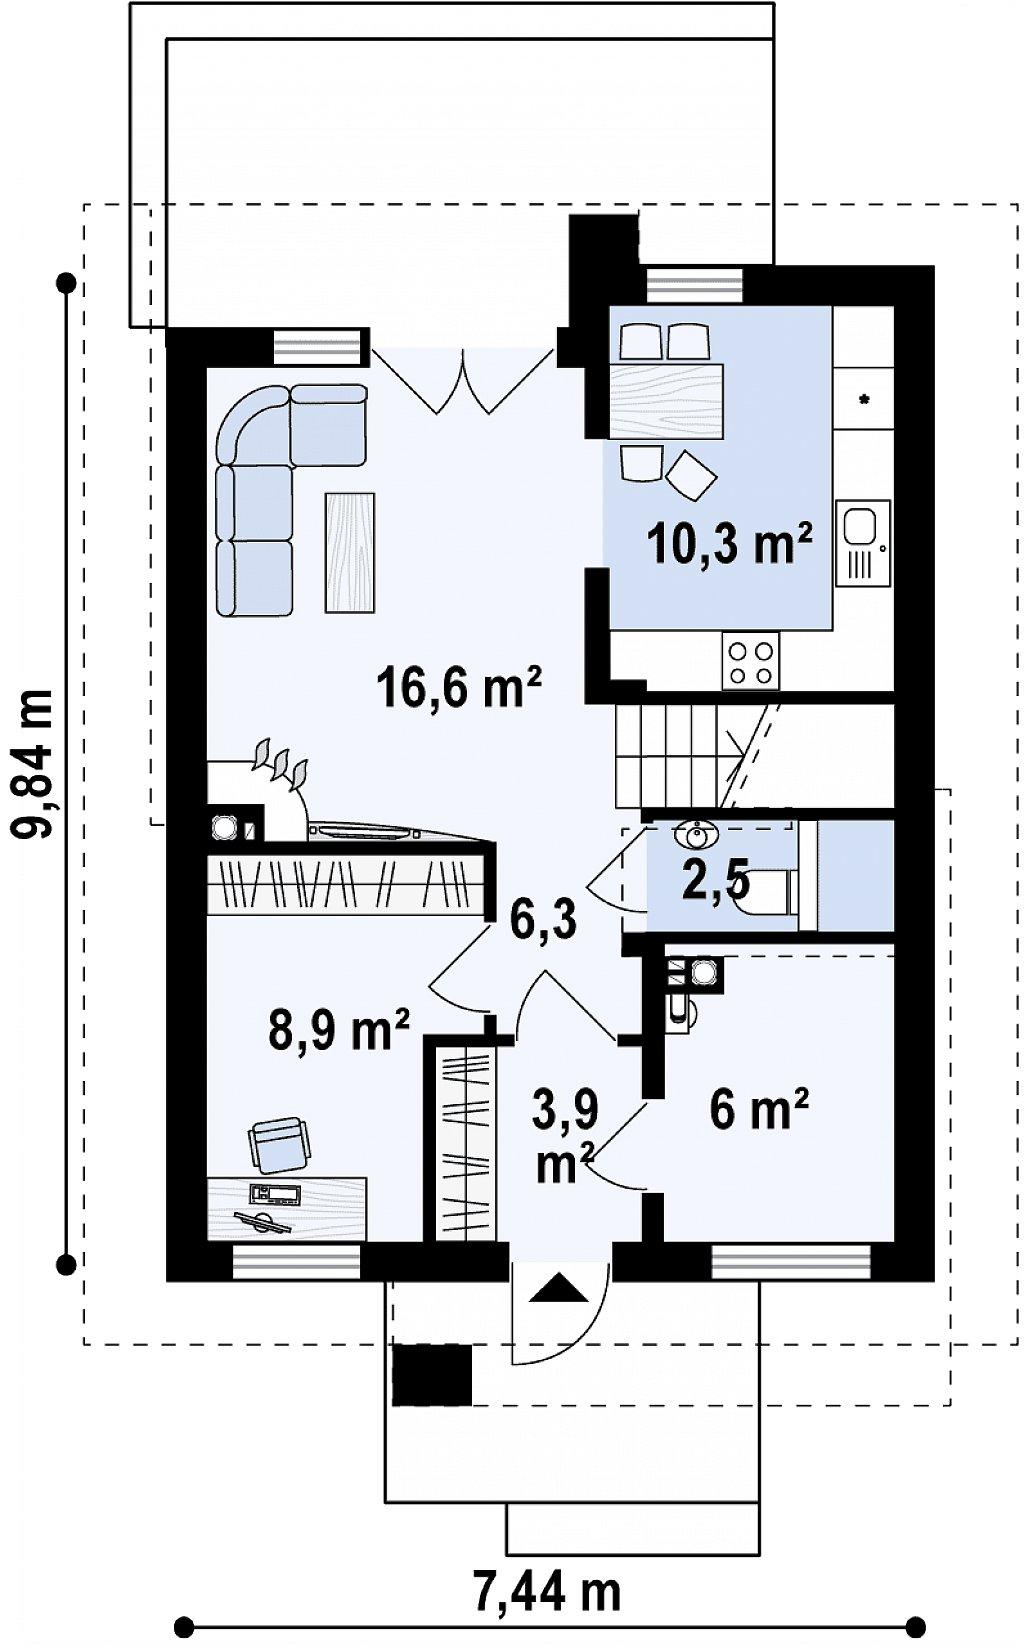 Компактный и удобный дом традиционной формы, подходящий, также, для узкого участка. план помещений 1